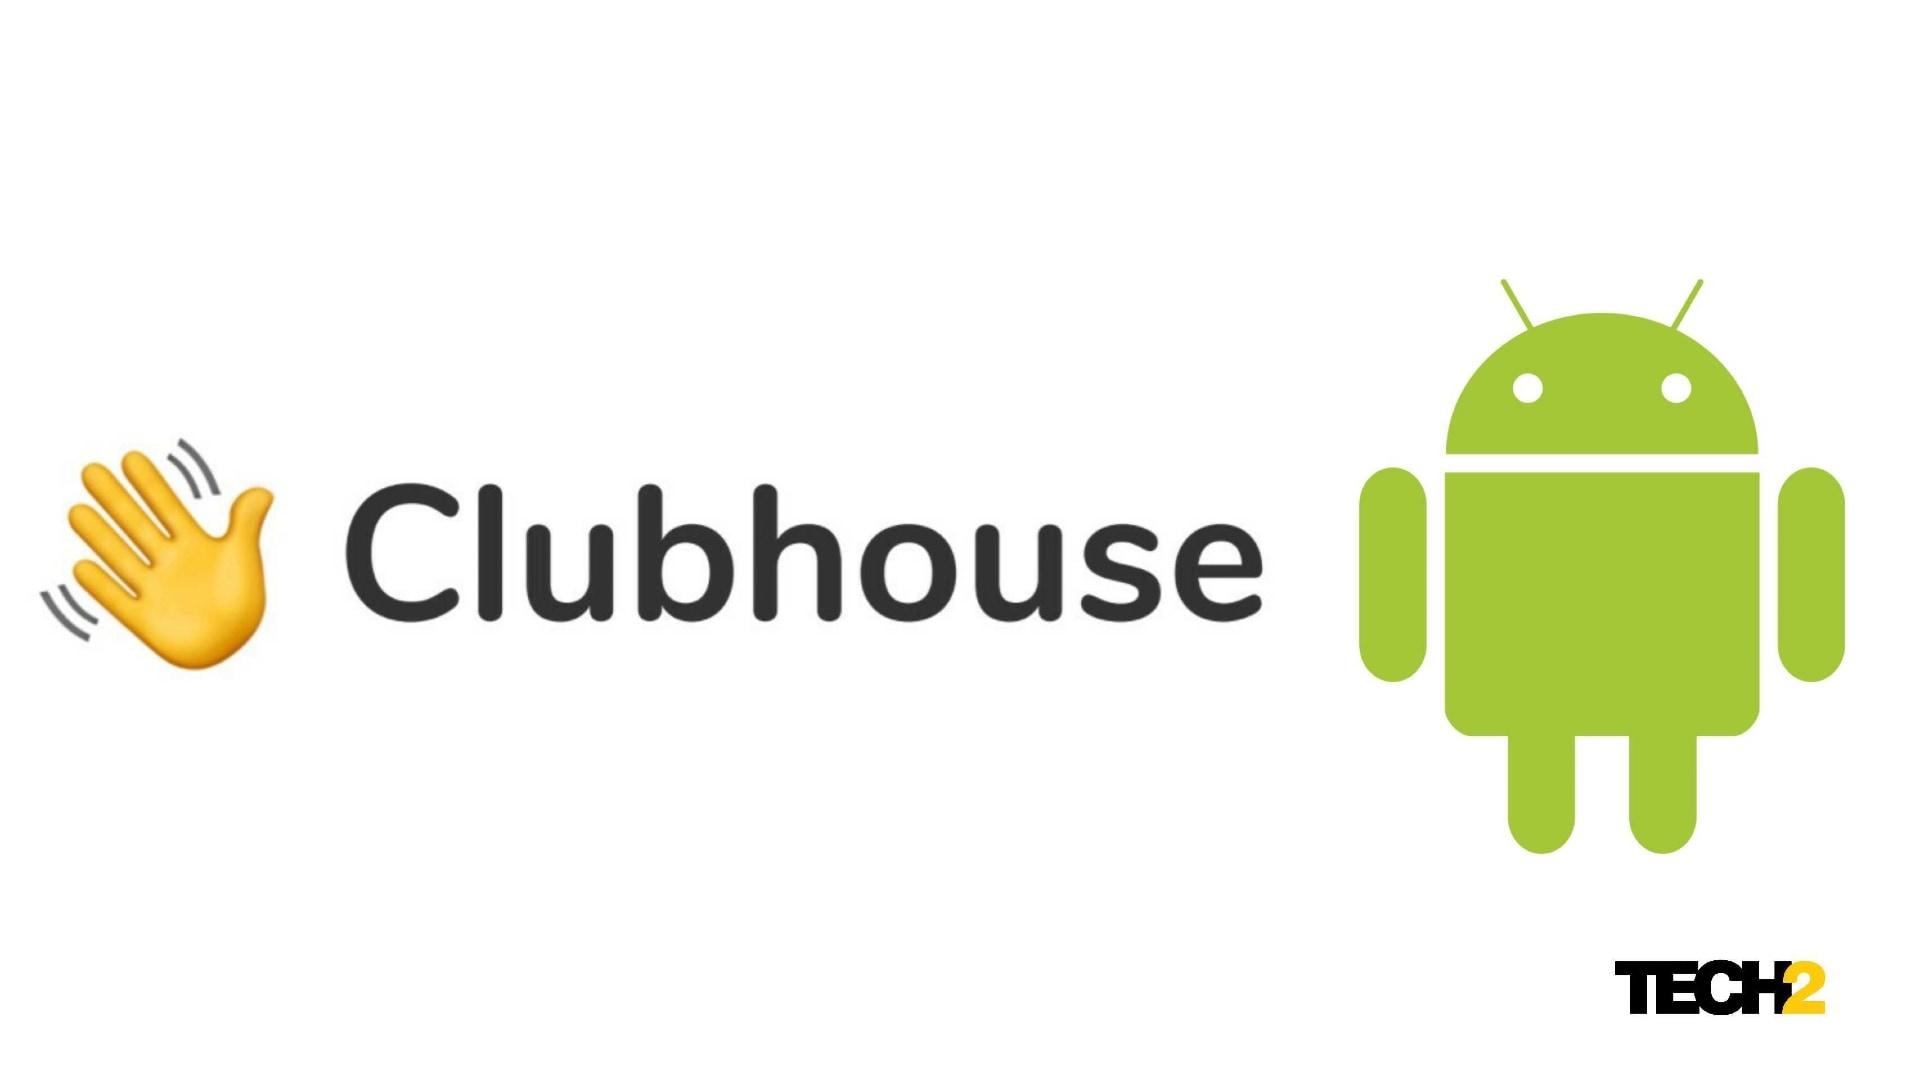 L'application Android Clubhouse sur invitation uniquement a déjà été déployée pour les tests bêta.  Image: tech2